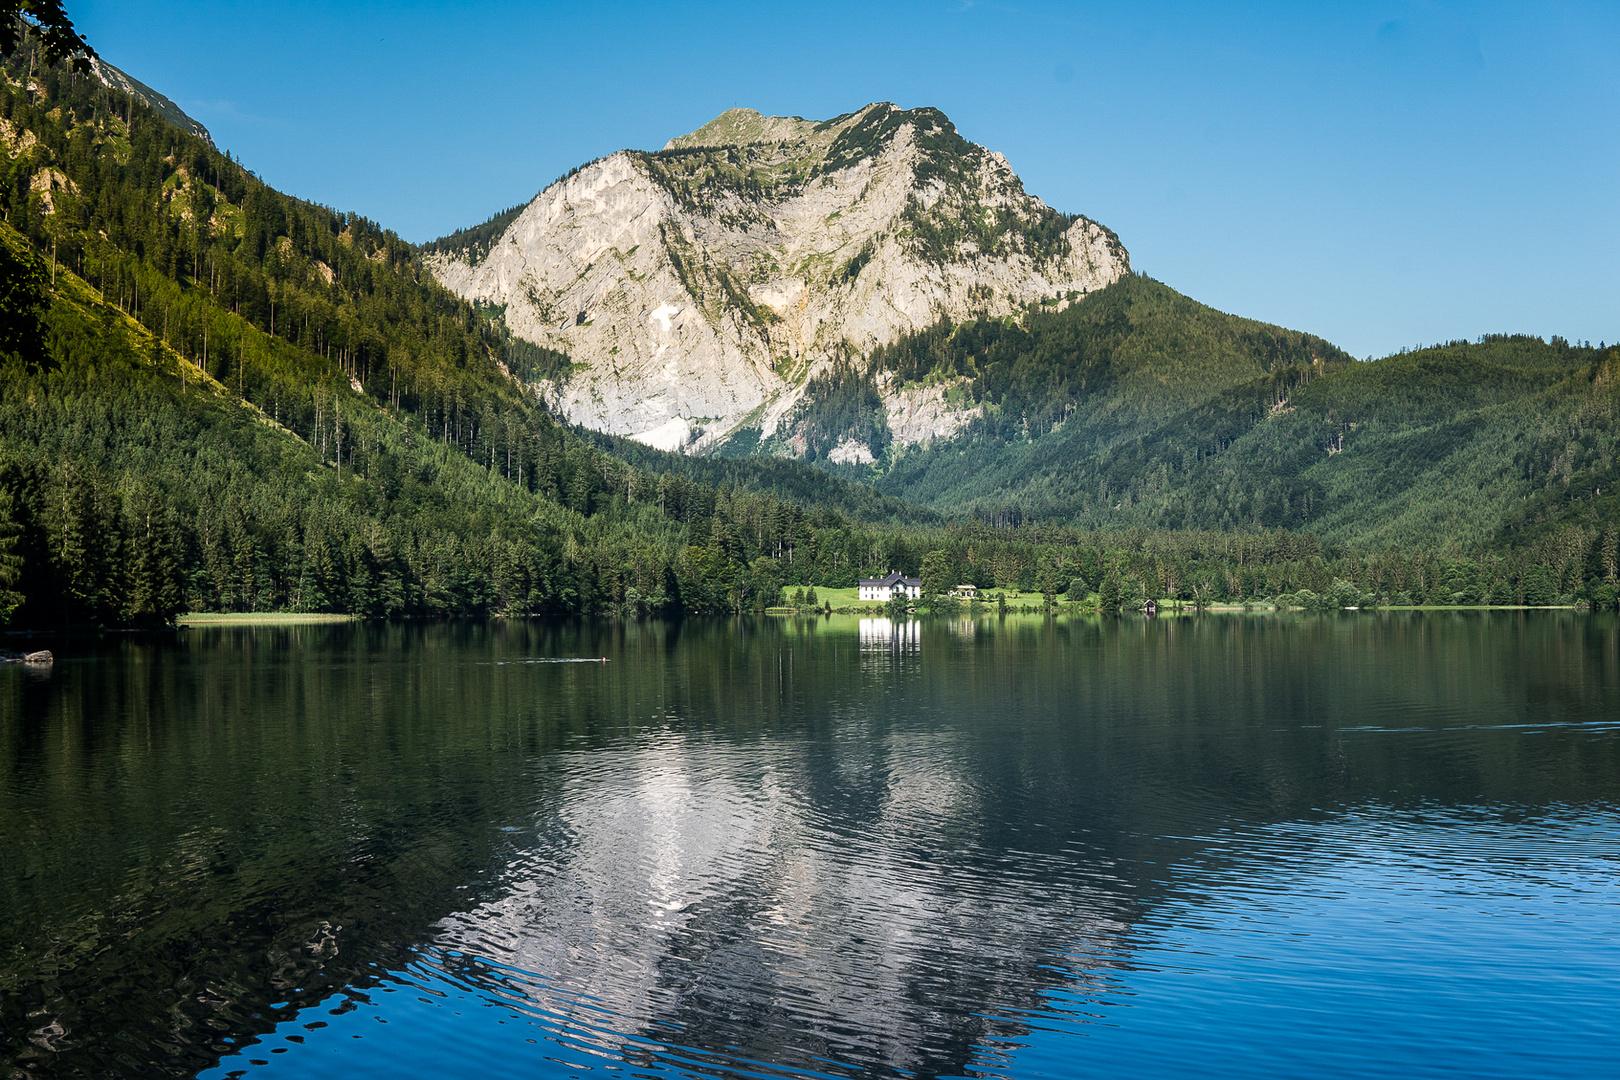 Bergsee (Langbathsee)